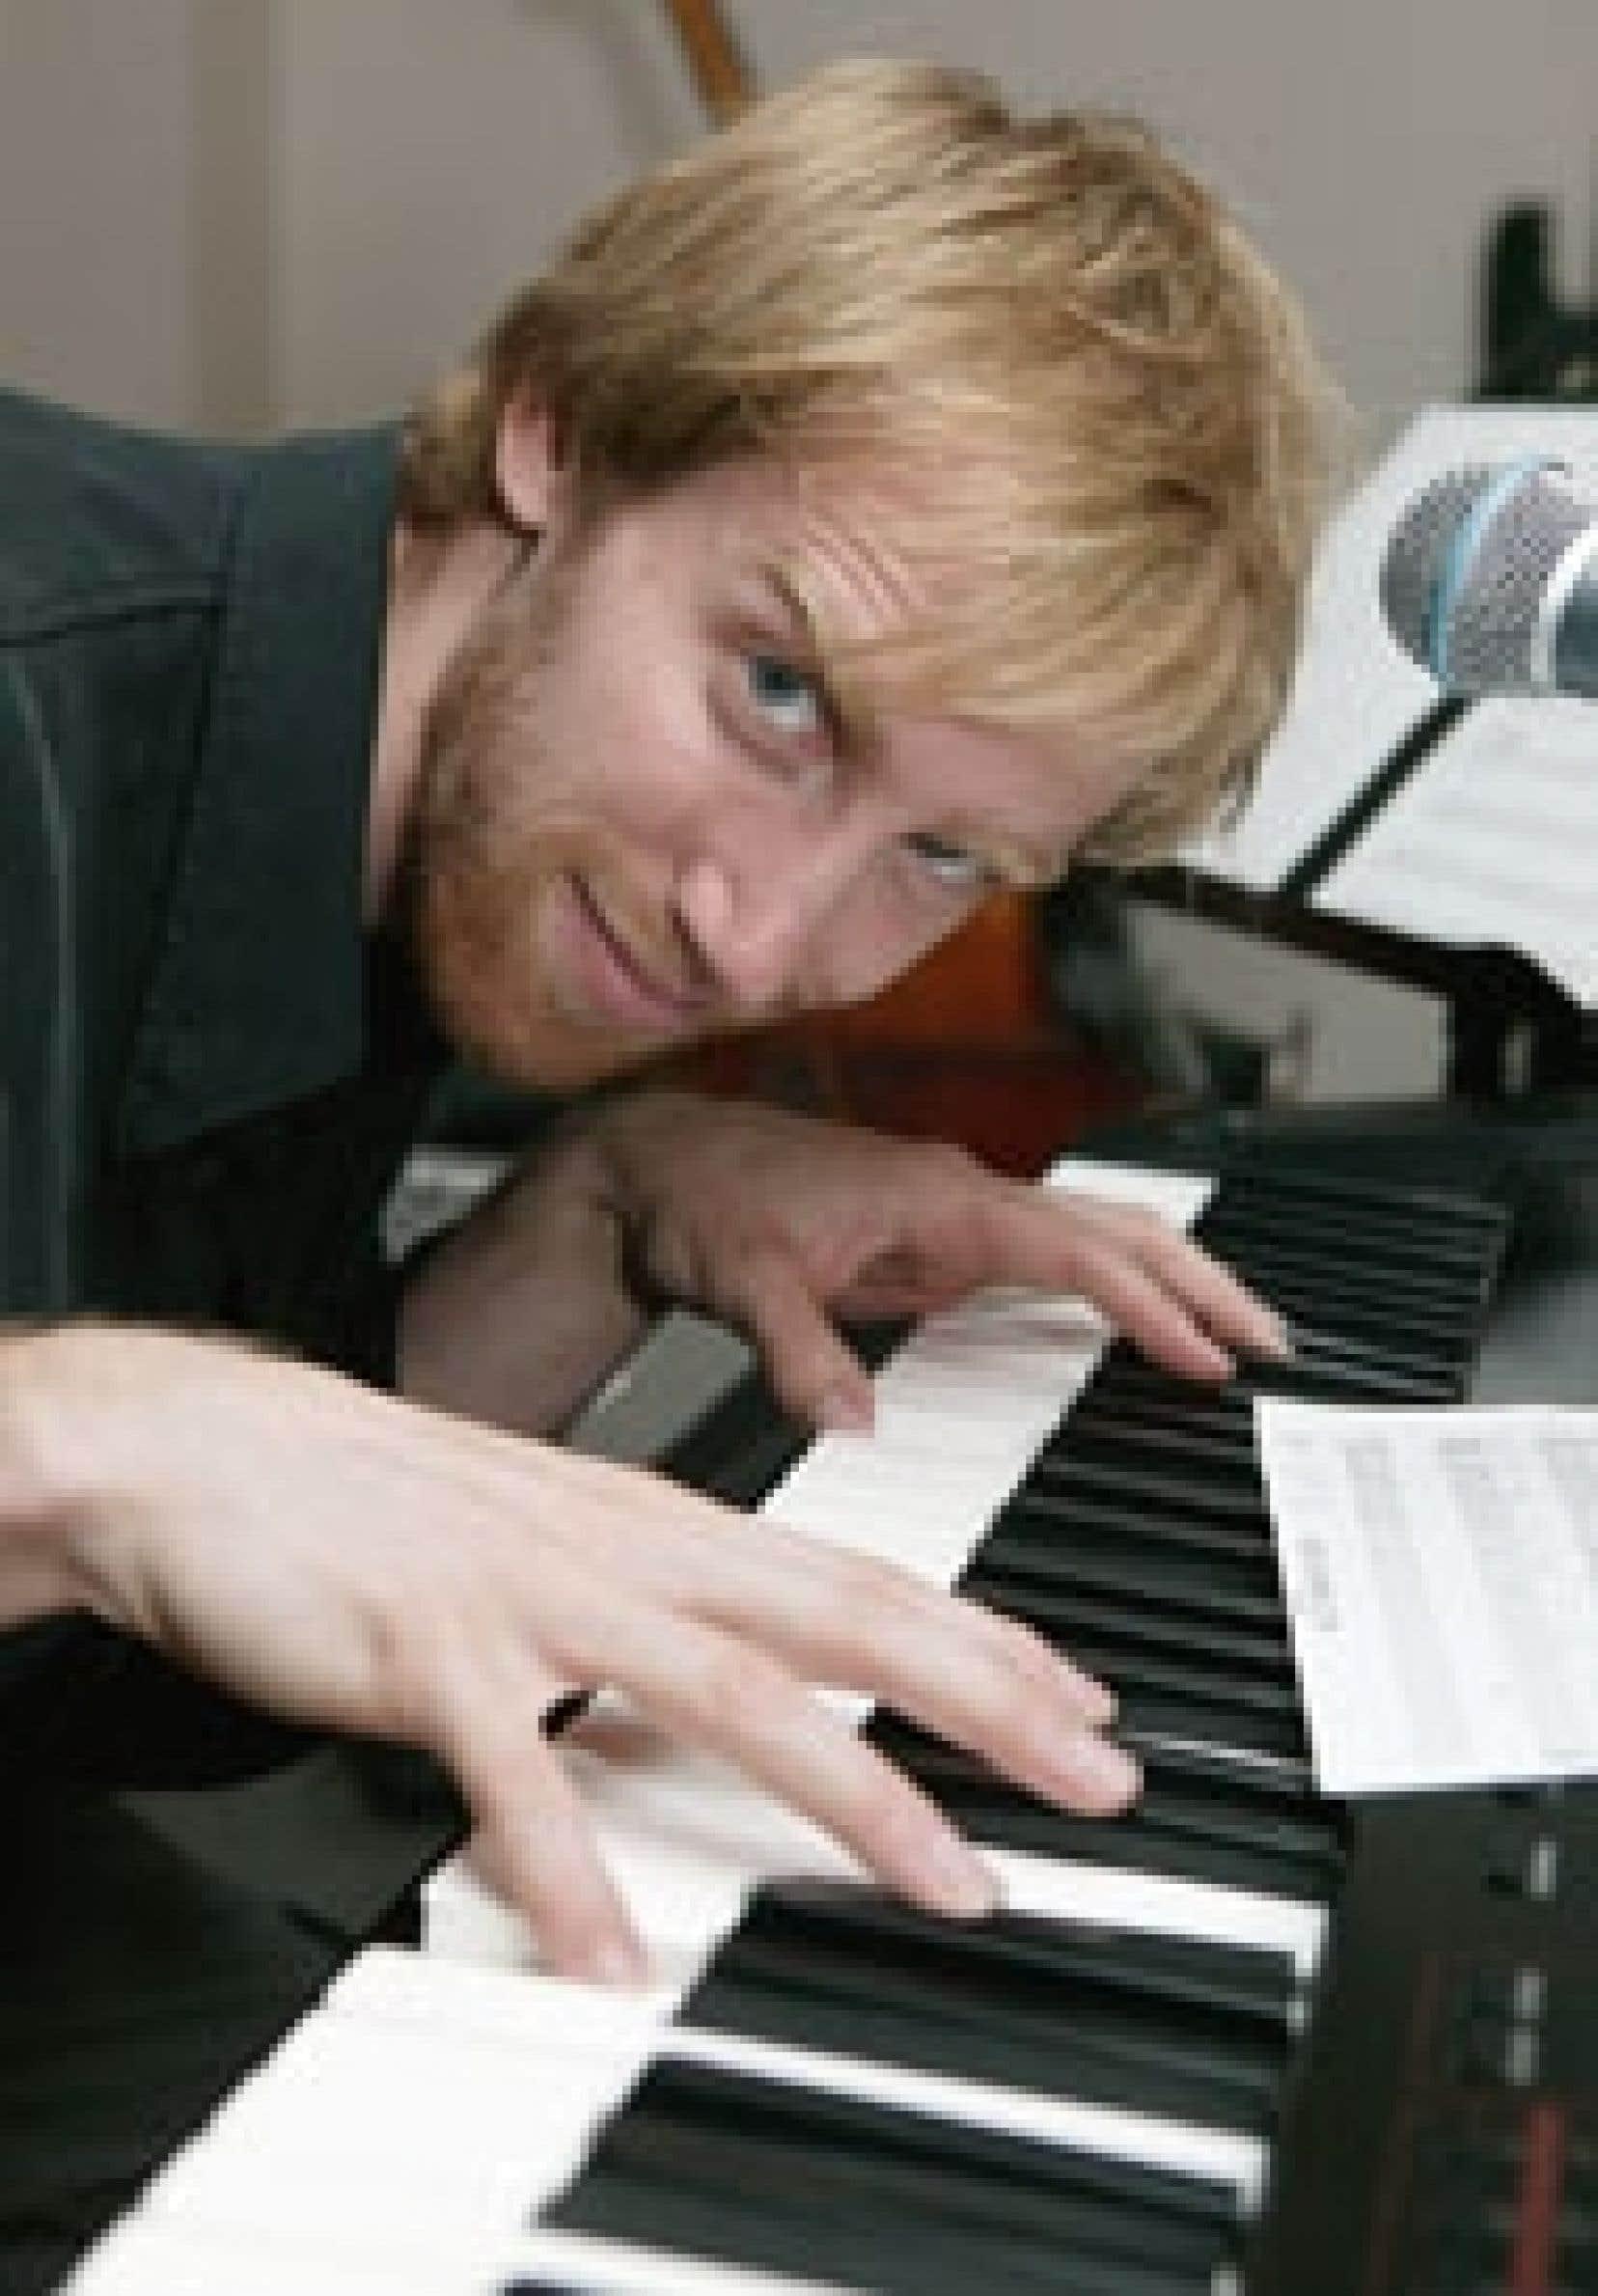 Lauréat en tant que compositeur au Festival en chanson de Petite-Vallée en 2003 et à titre d'auteur-compositeur-interprète à Ma première Place des Arts en 2002, Baptiste se produira sur la scène de la Nouvelle chanson, demain, en compagnie de qu